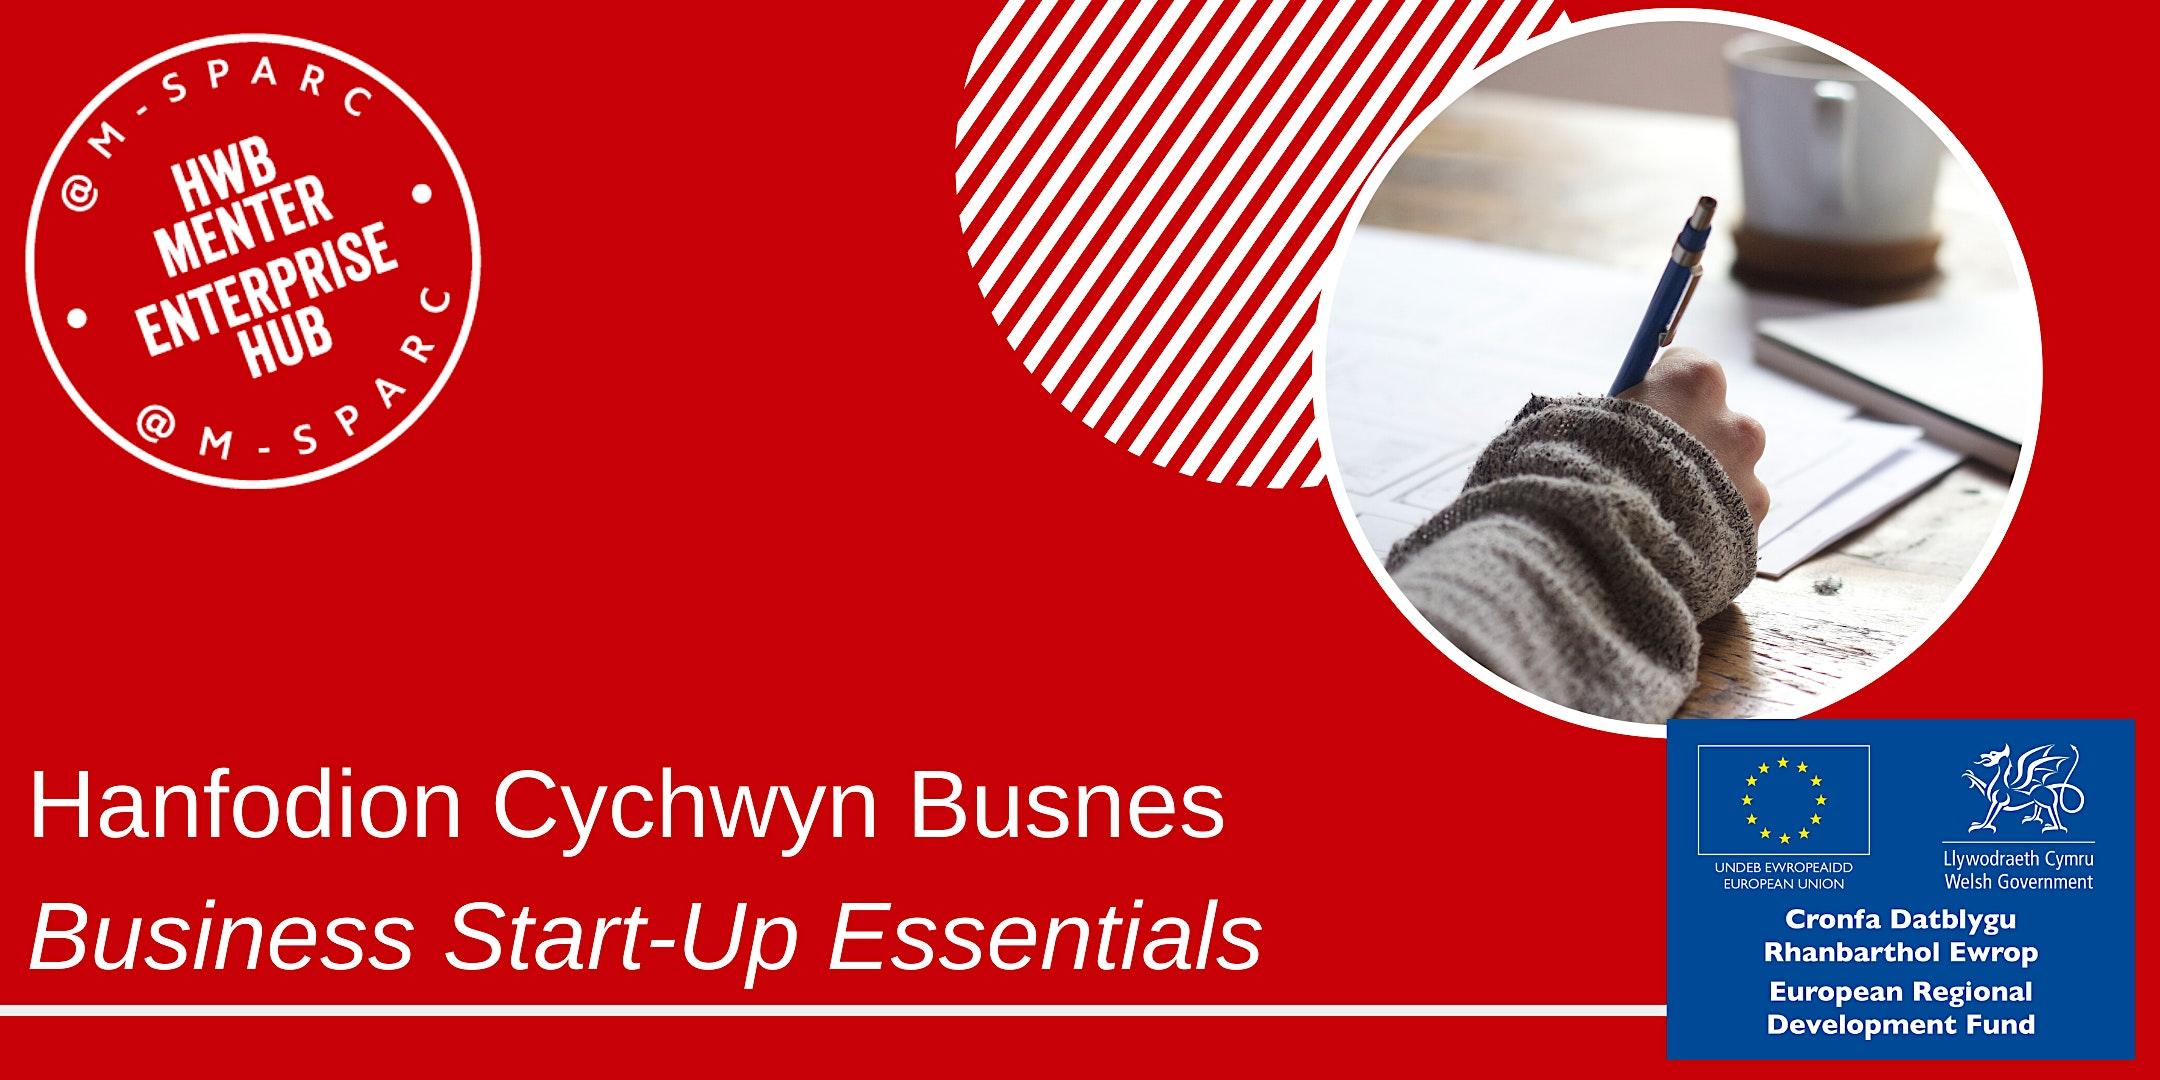 ONLINE - Hanfodion Cychwyn Busnes / Business Start-Up Essentials